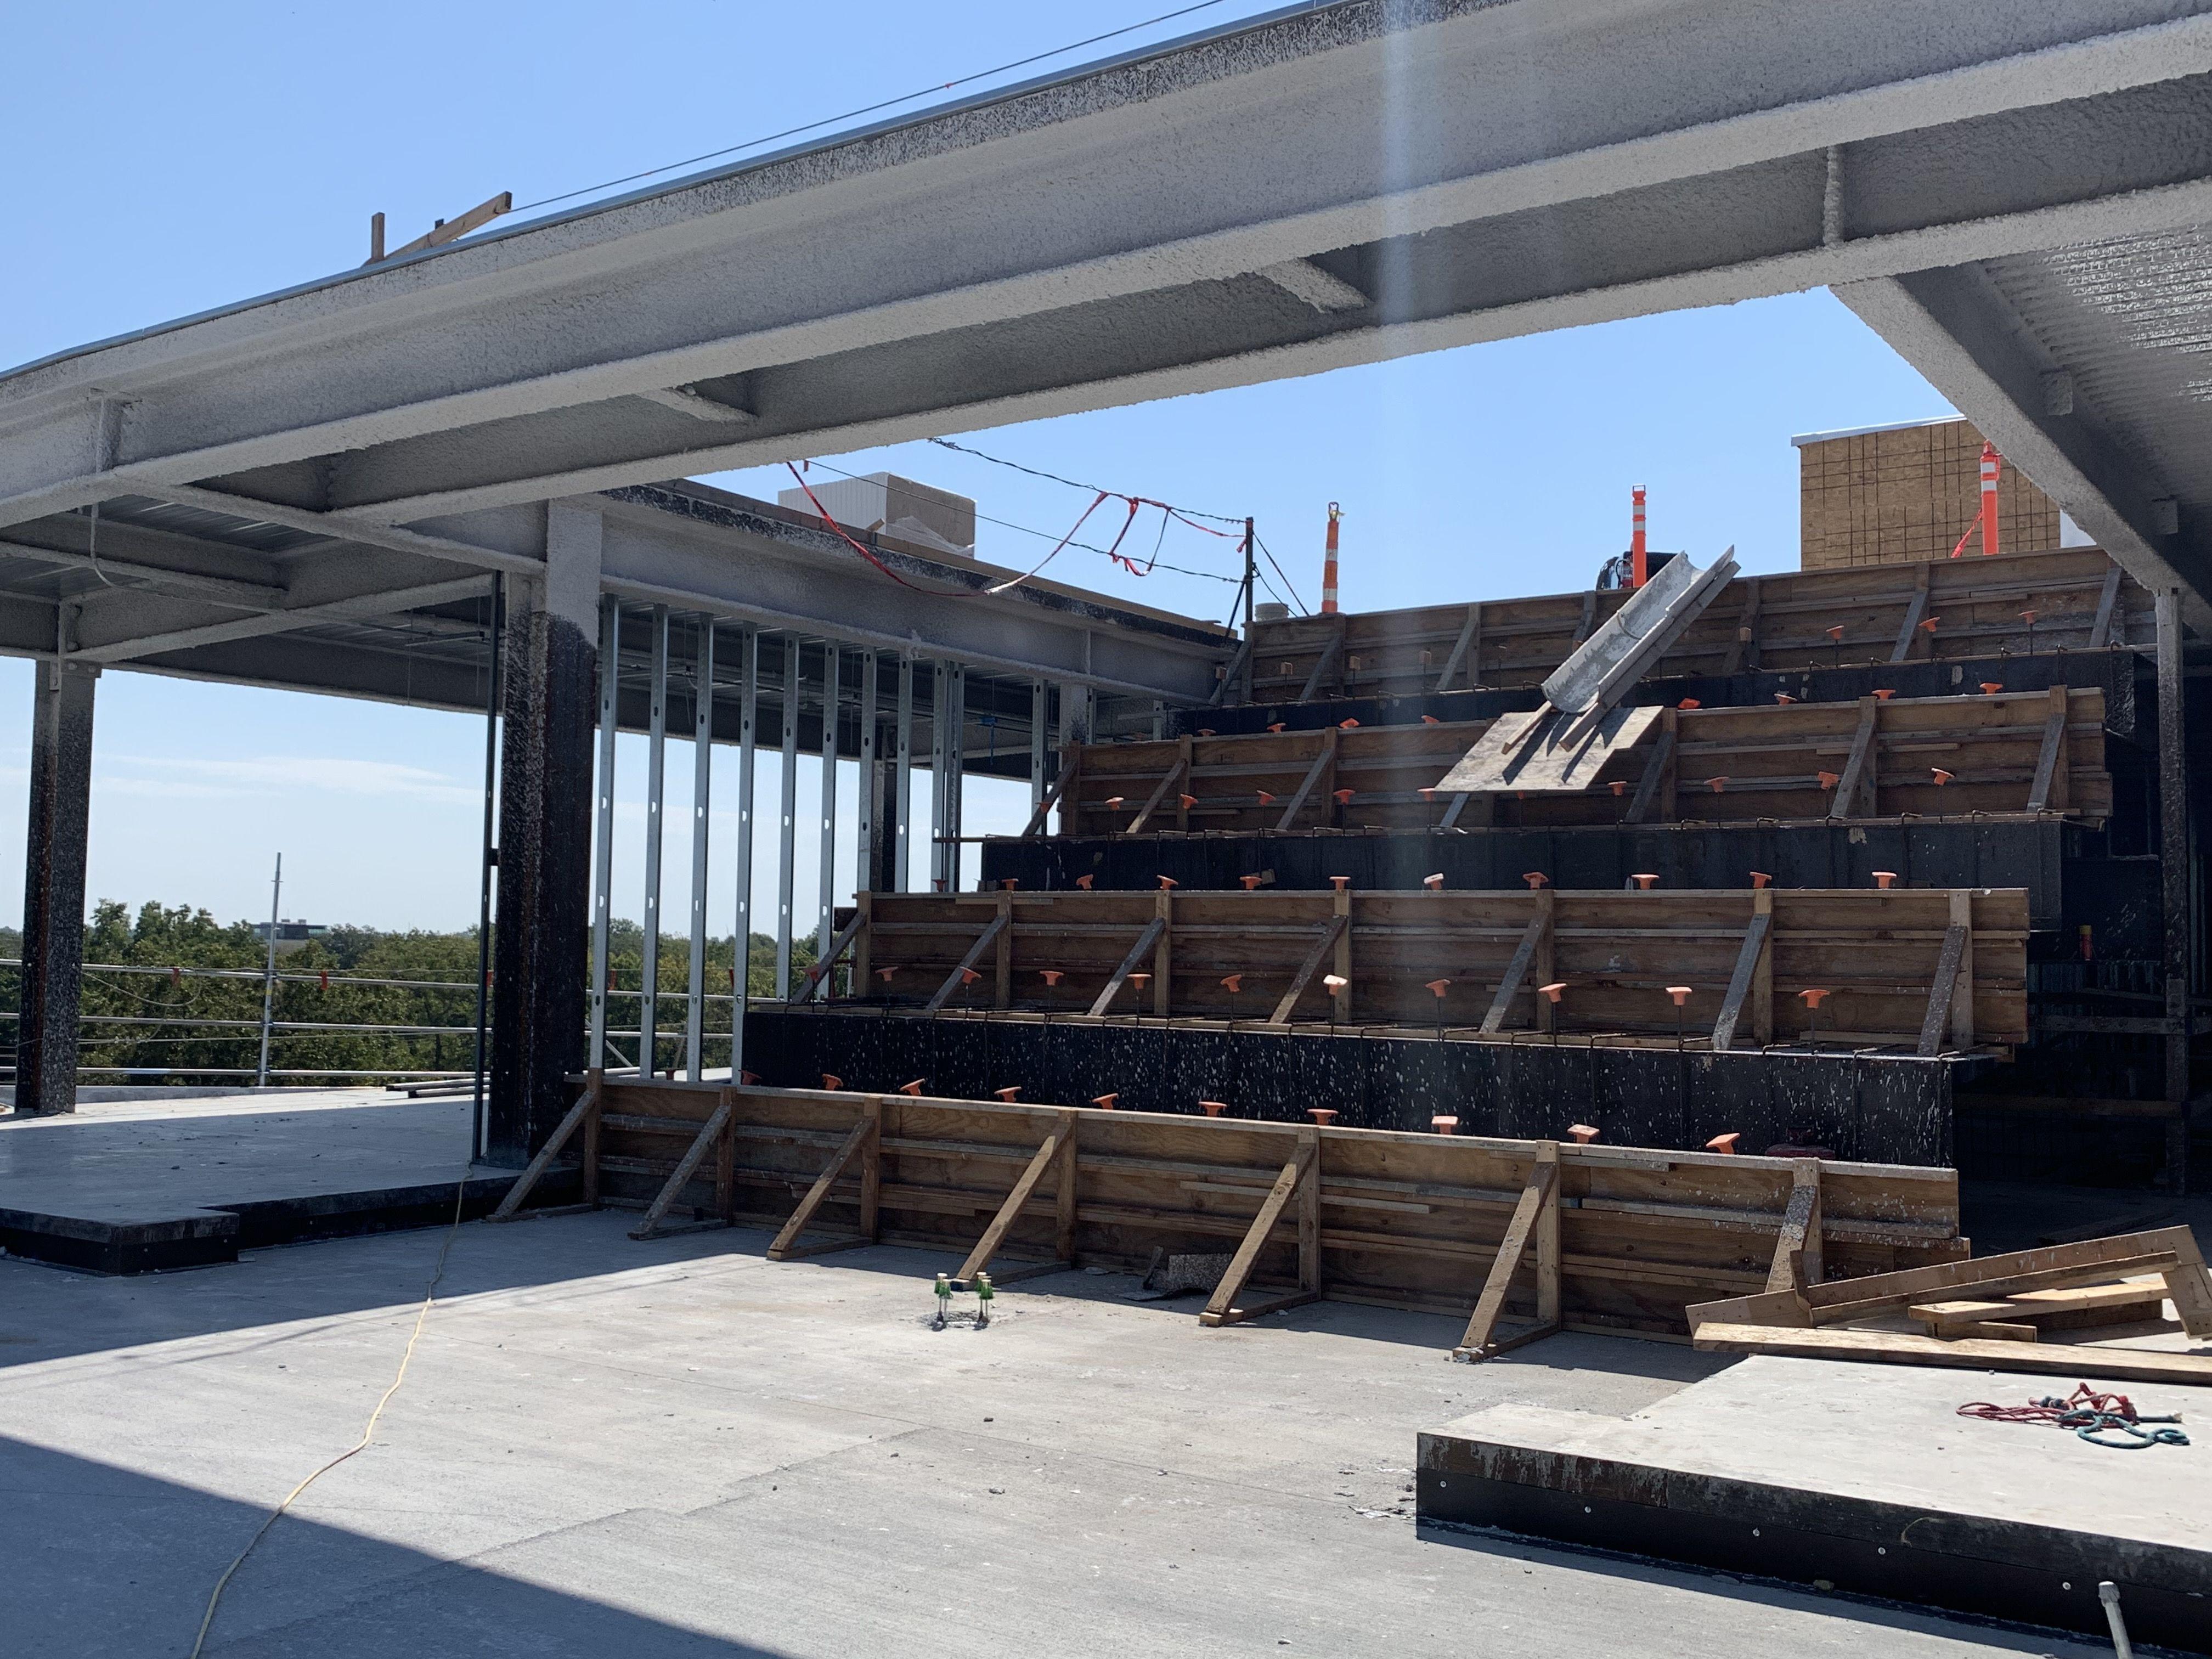 photo of stadium seating inside ledger